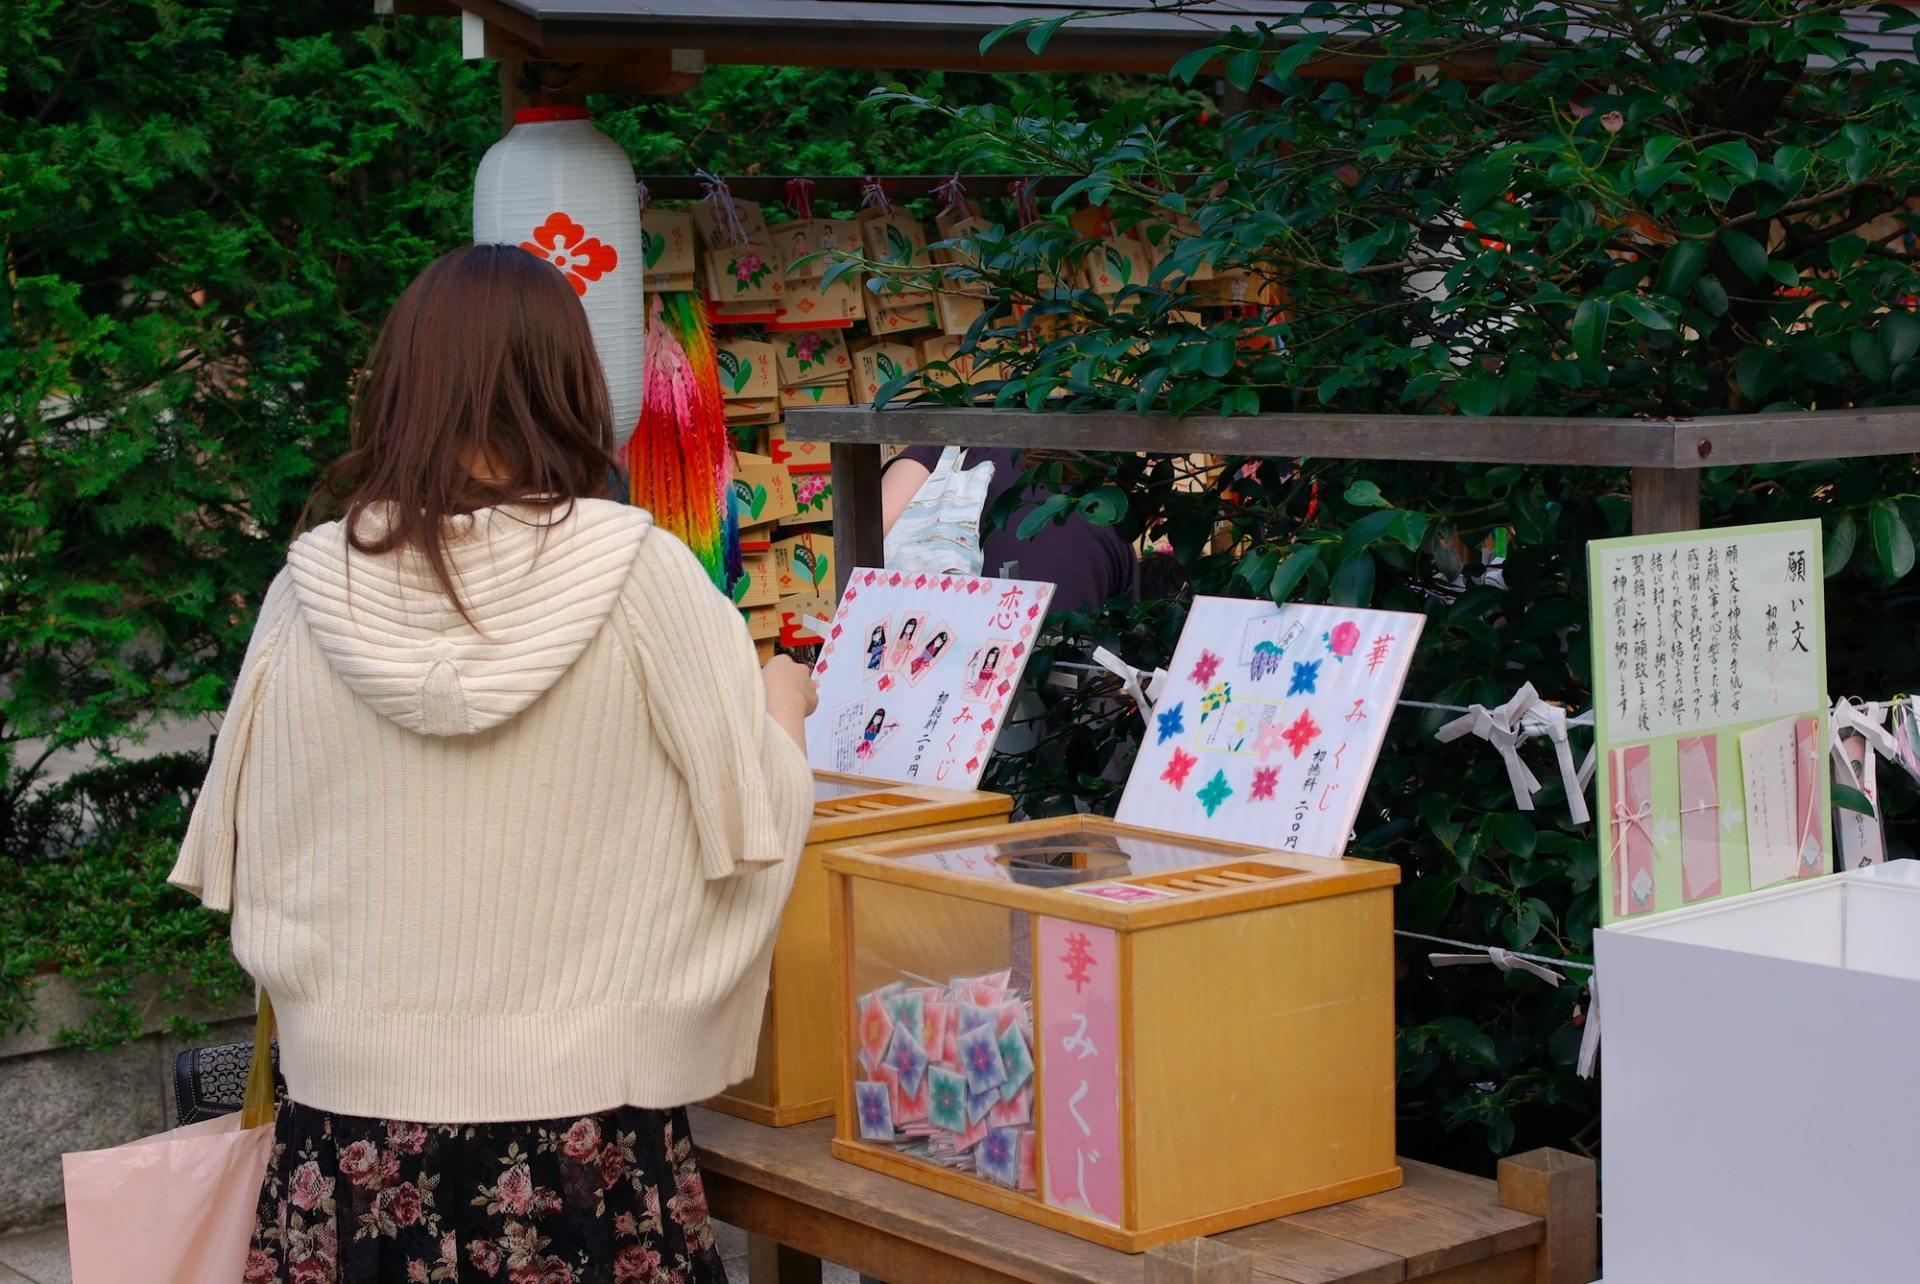 东京大神宫、恋爱、东京的伊势、能量景点、祈愿、御神签